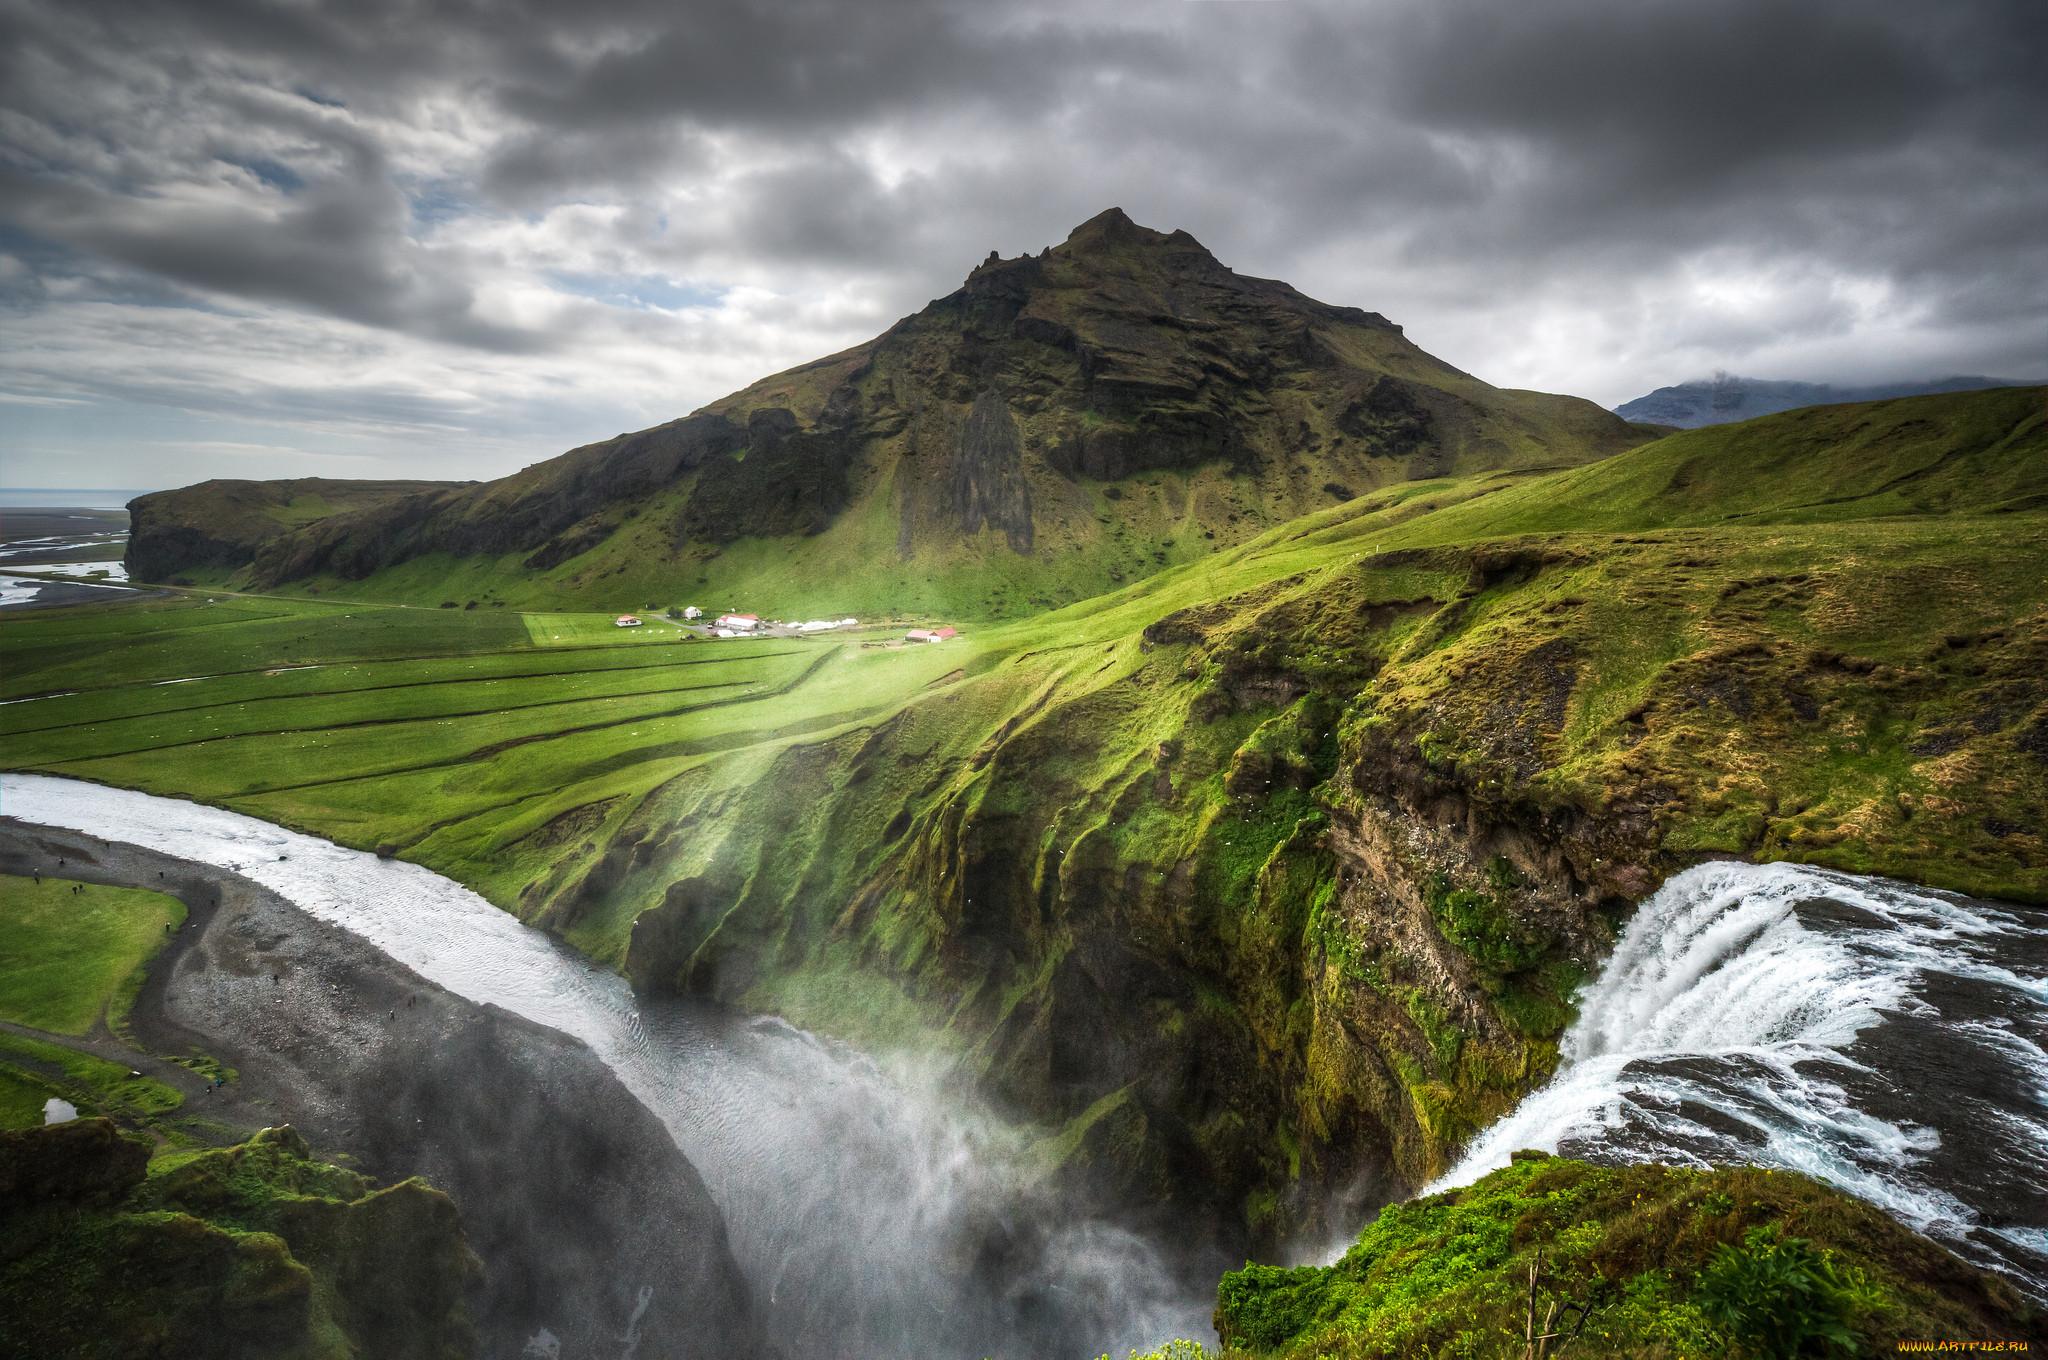 цветёт картинки исландия на рабочий стол слившихся